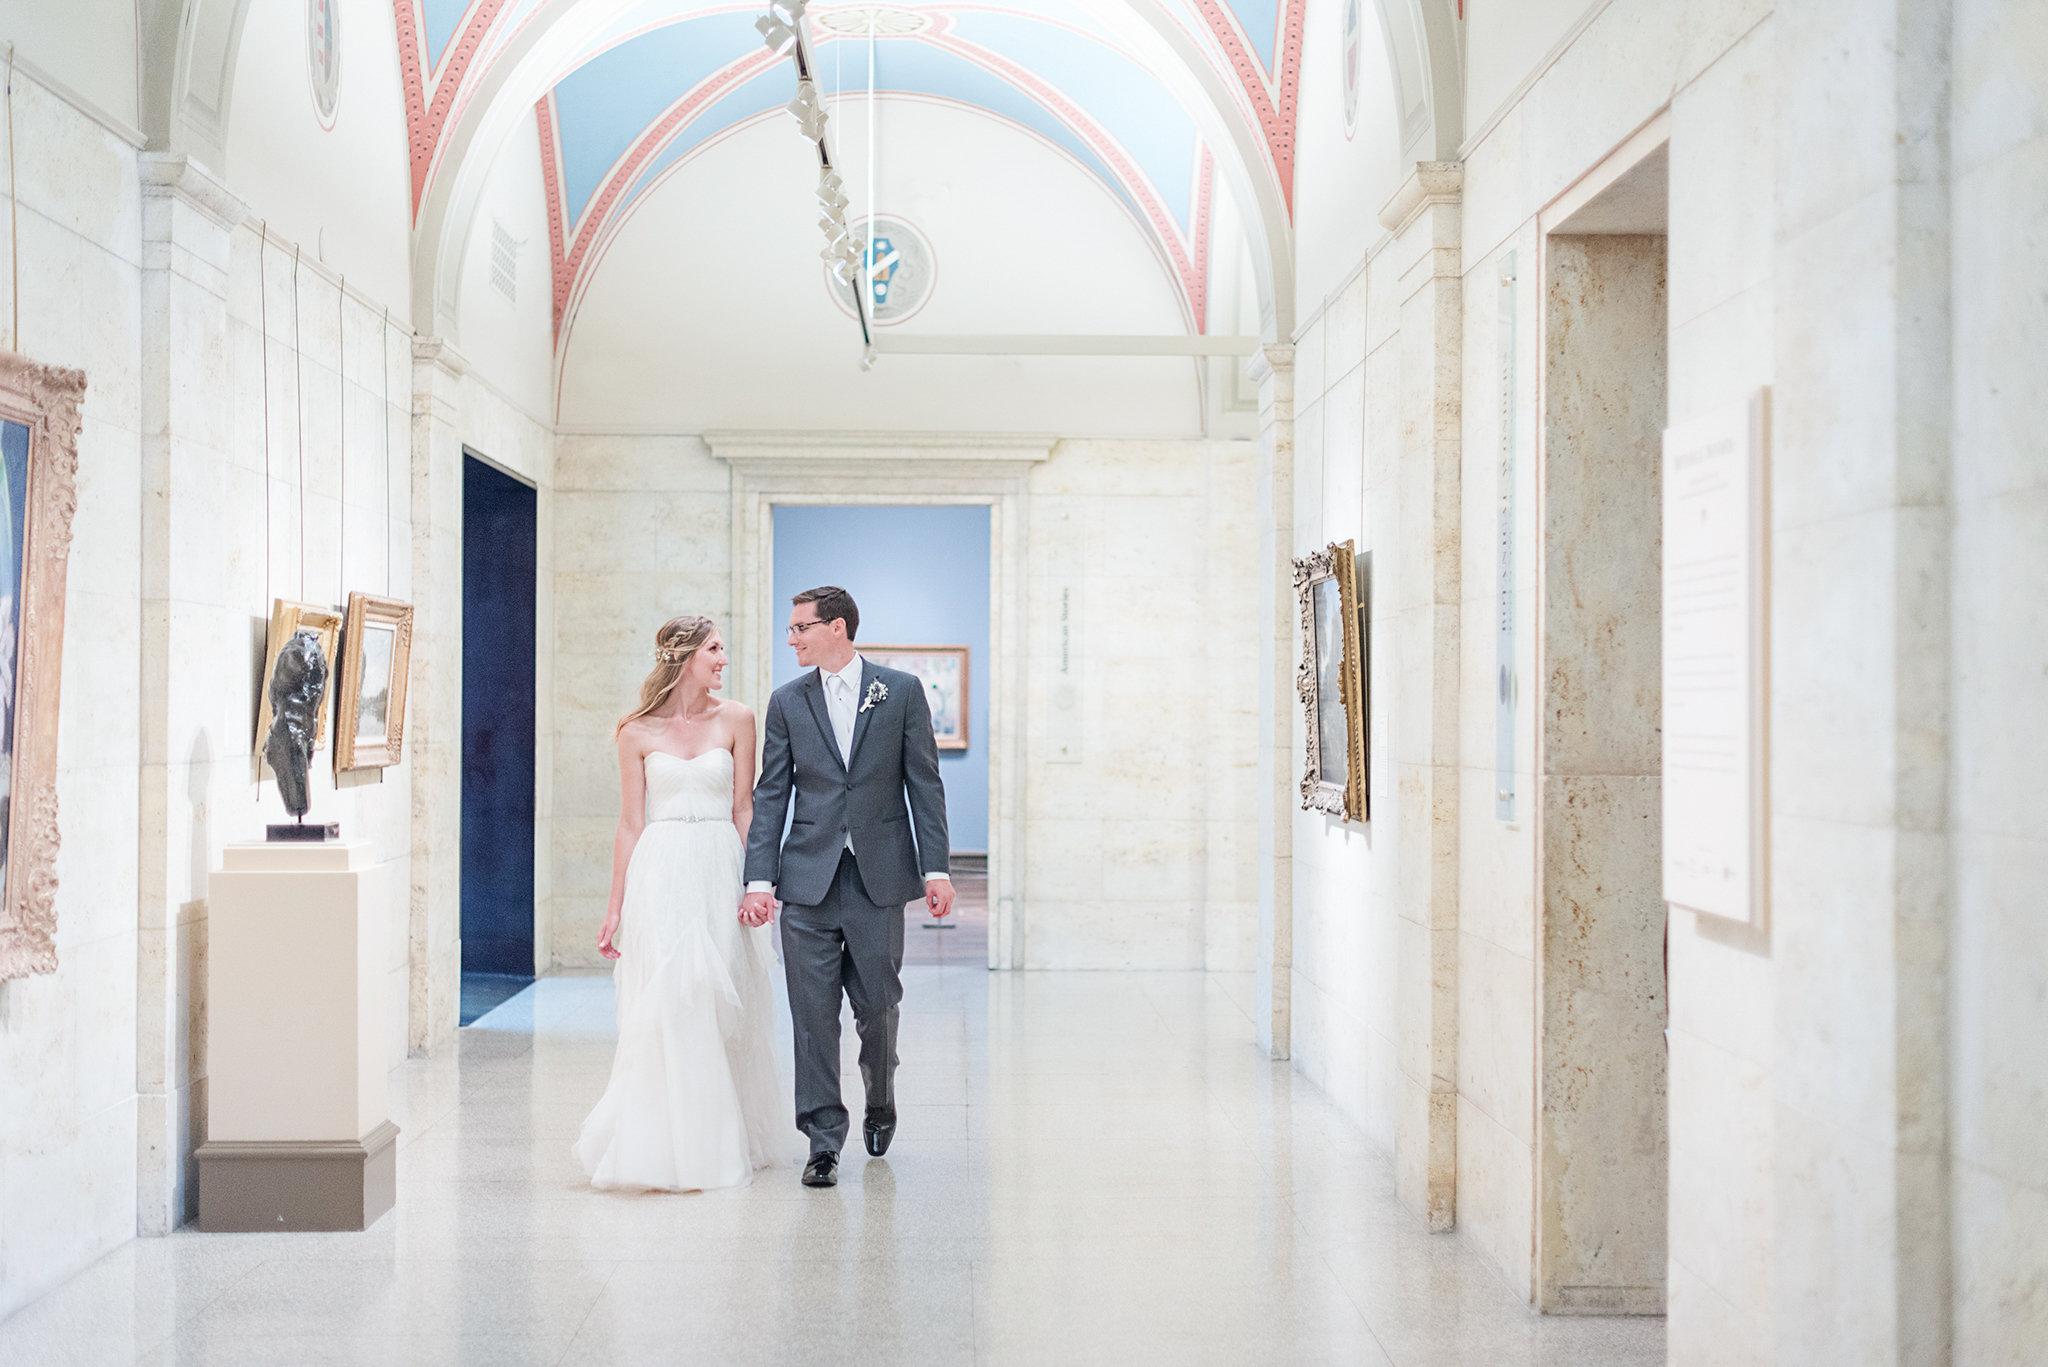 The Columbus Museum of Art Wedding Venue in downtown Columbus, Ohio.